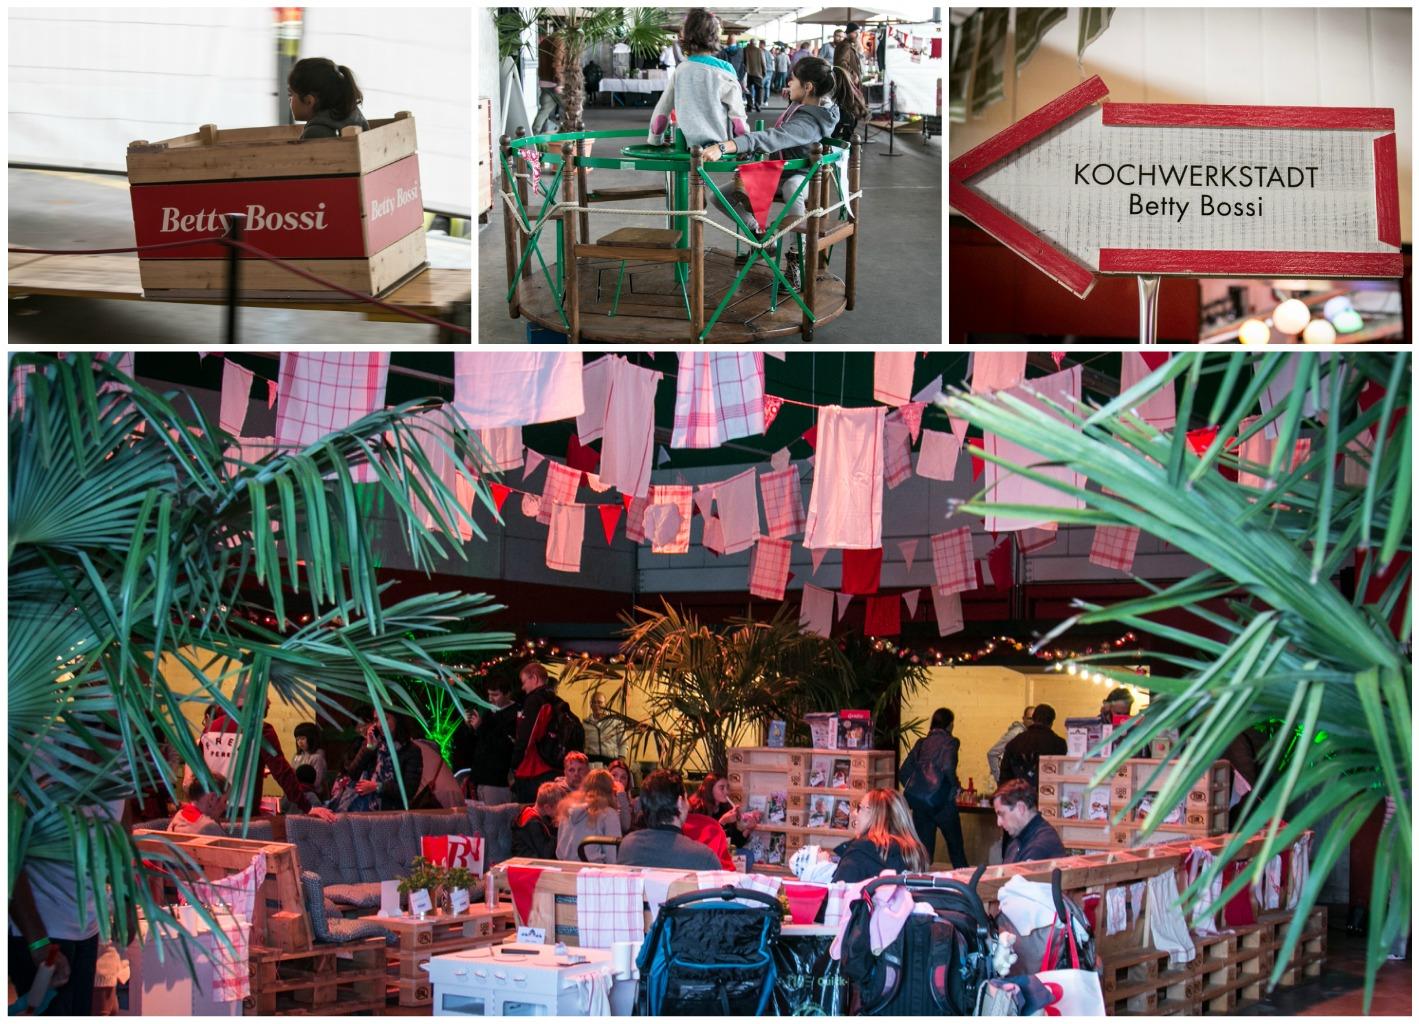 Betty Bossi Kochwerkstadt, Engros Markt, Food Zurich